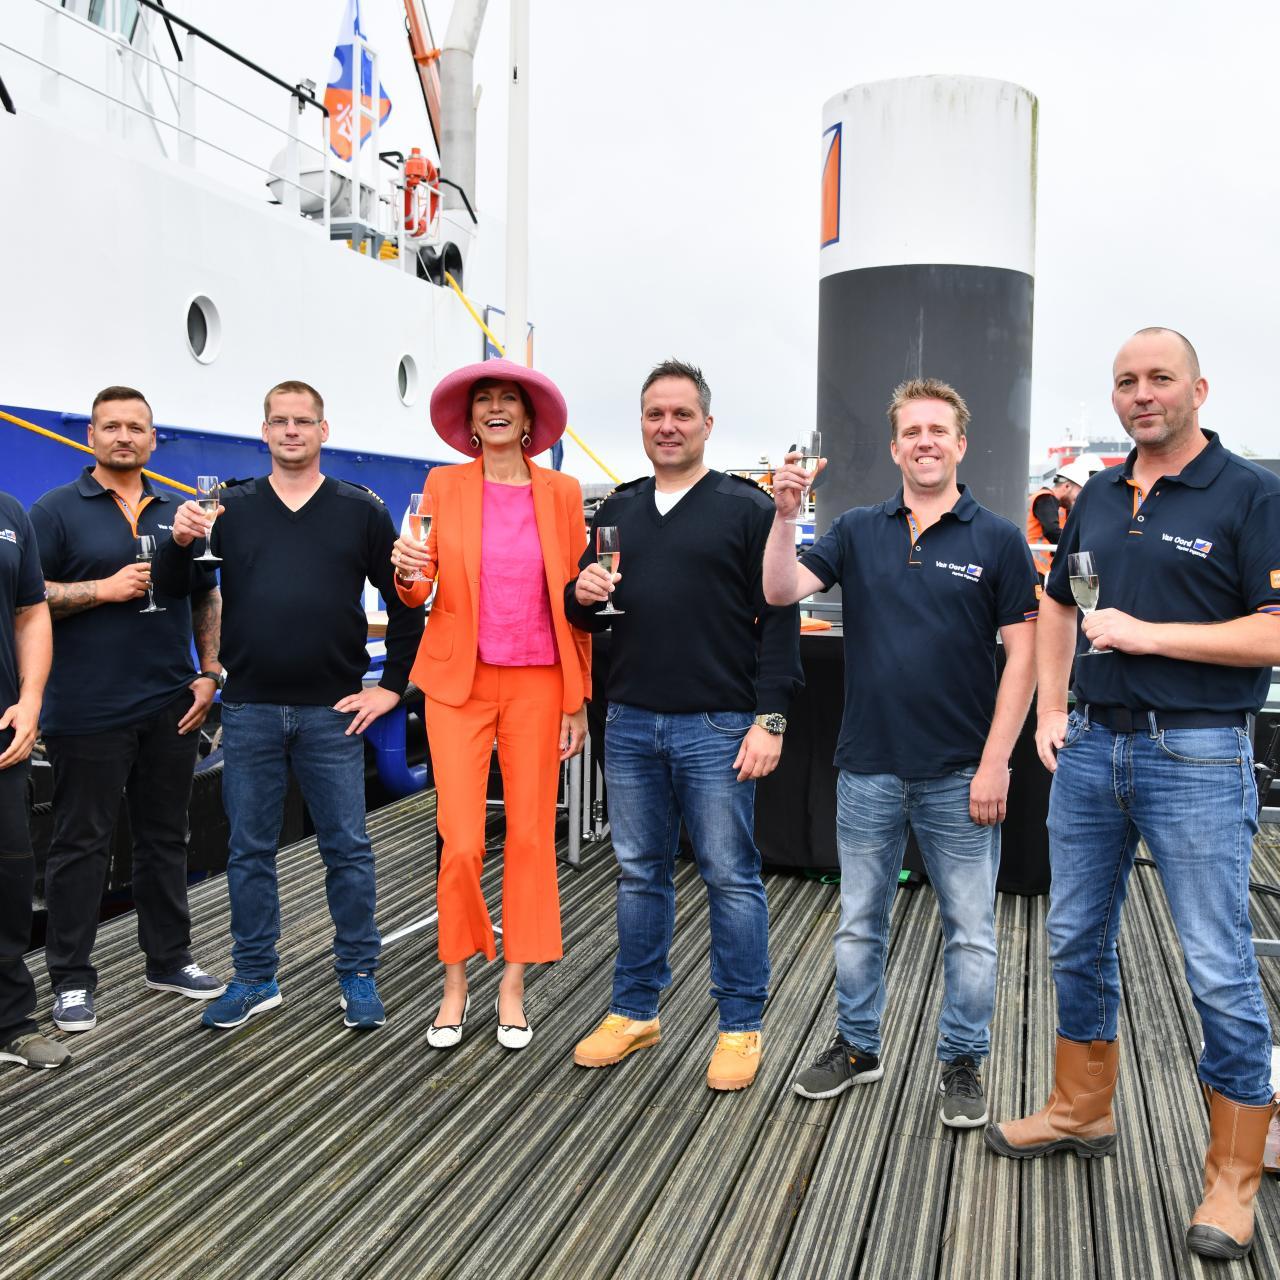 Van Oord held naming ceremonies for two hybrid water injection vessels